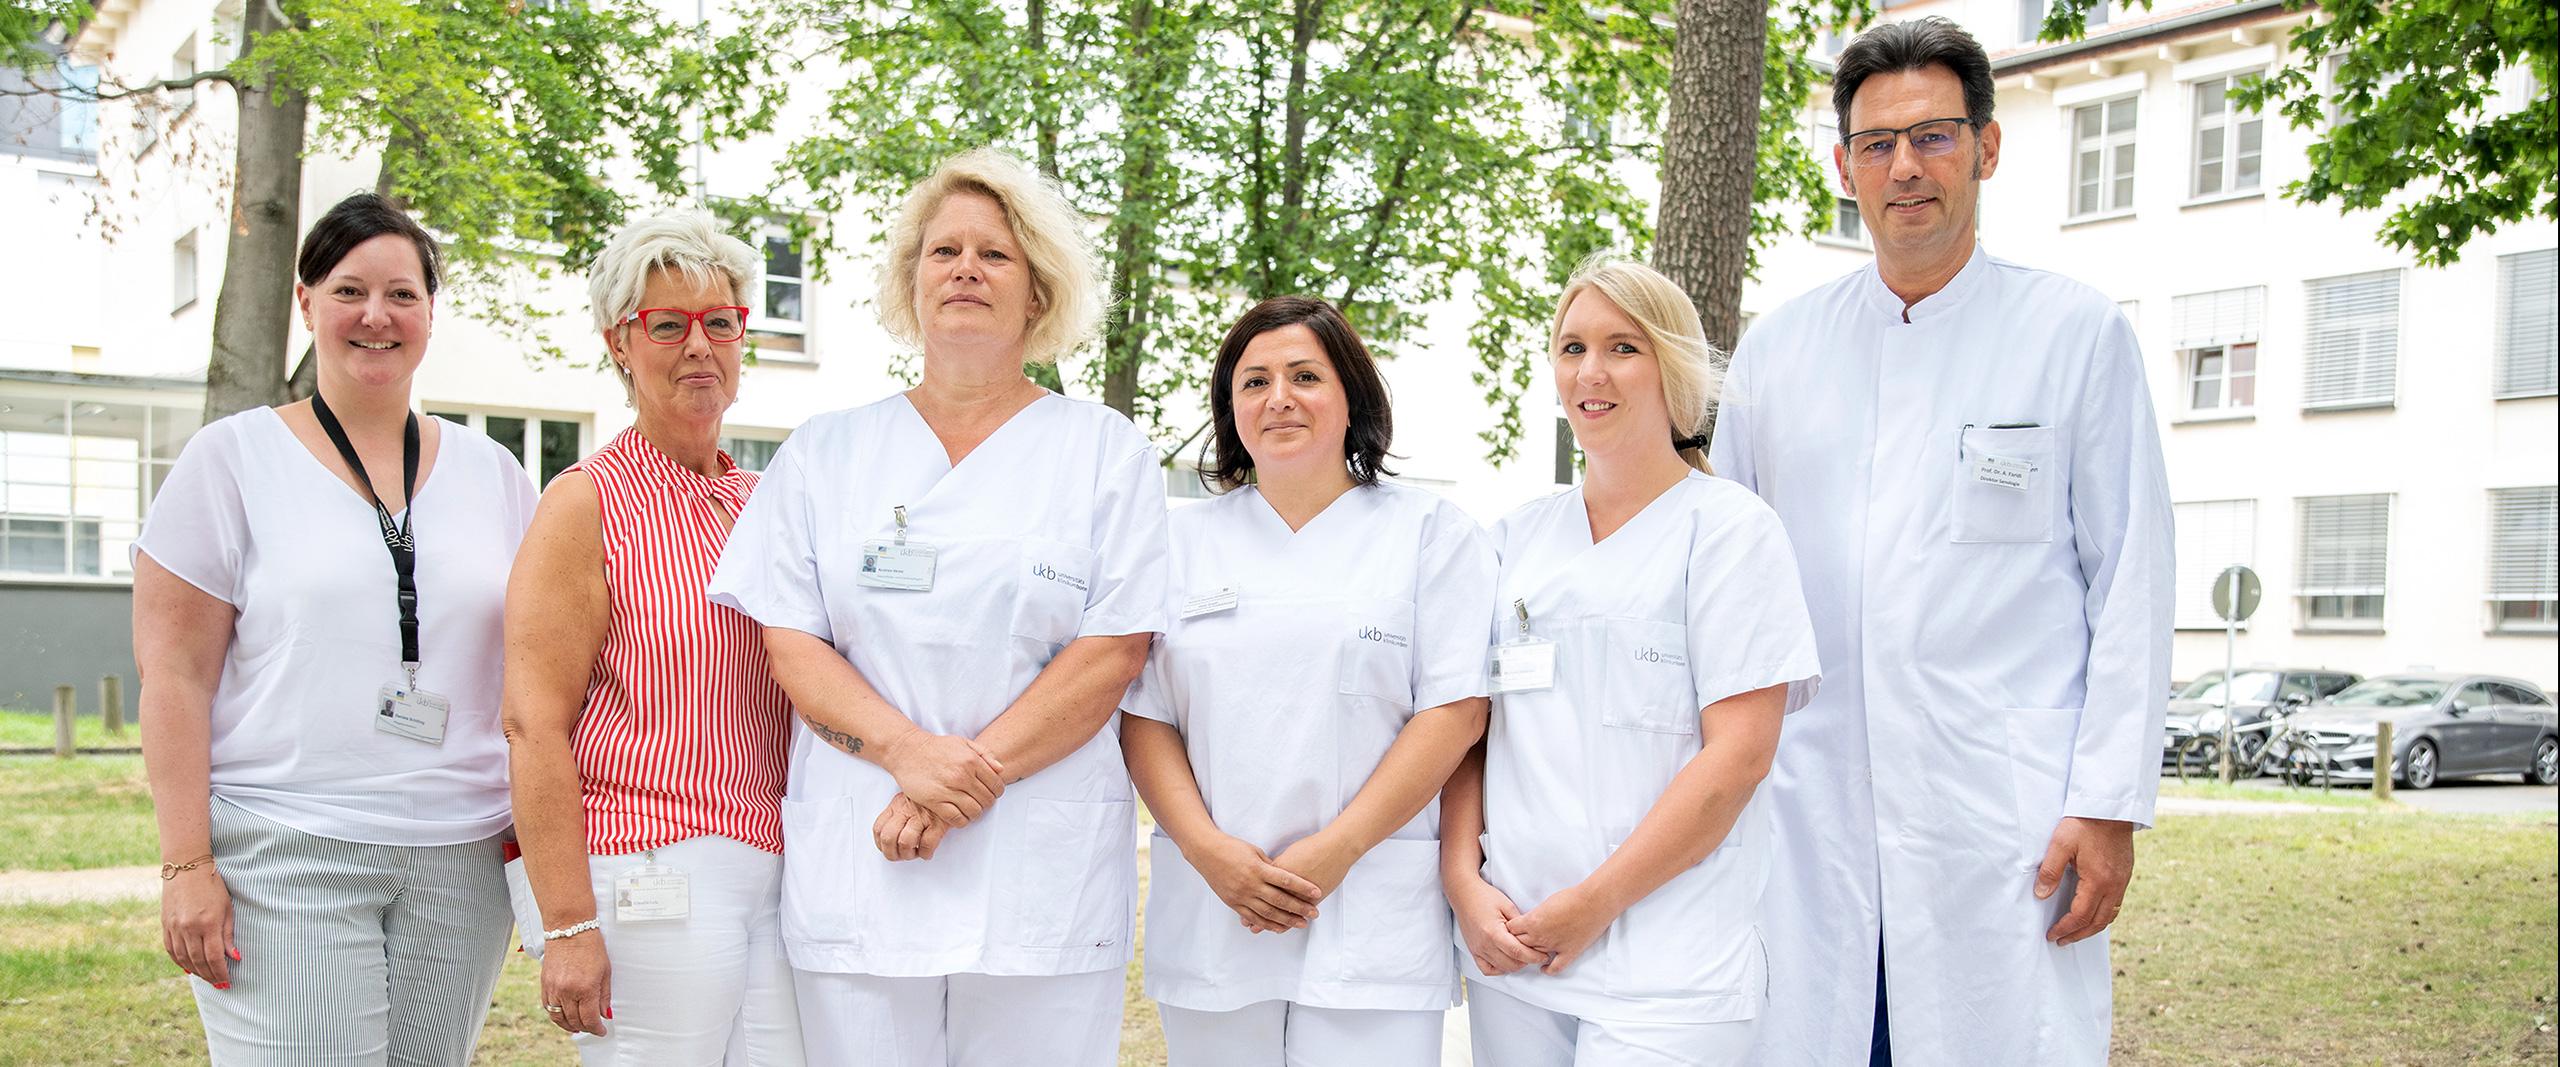 Brustzentrum am Universitätsklinikum Bonn erweitert Beratung nach Brustkrebsbehandlung